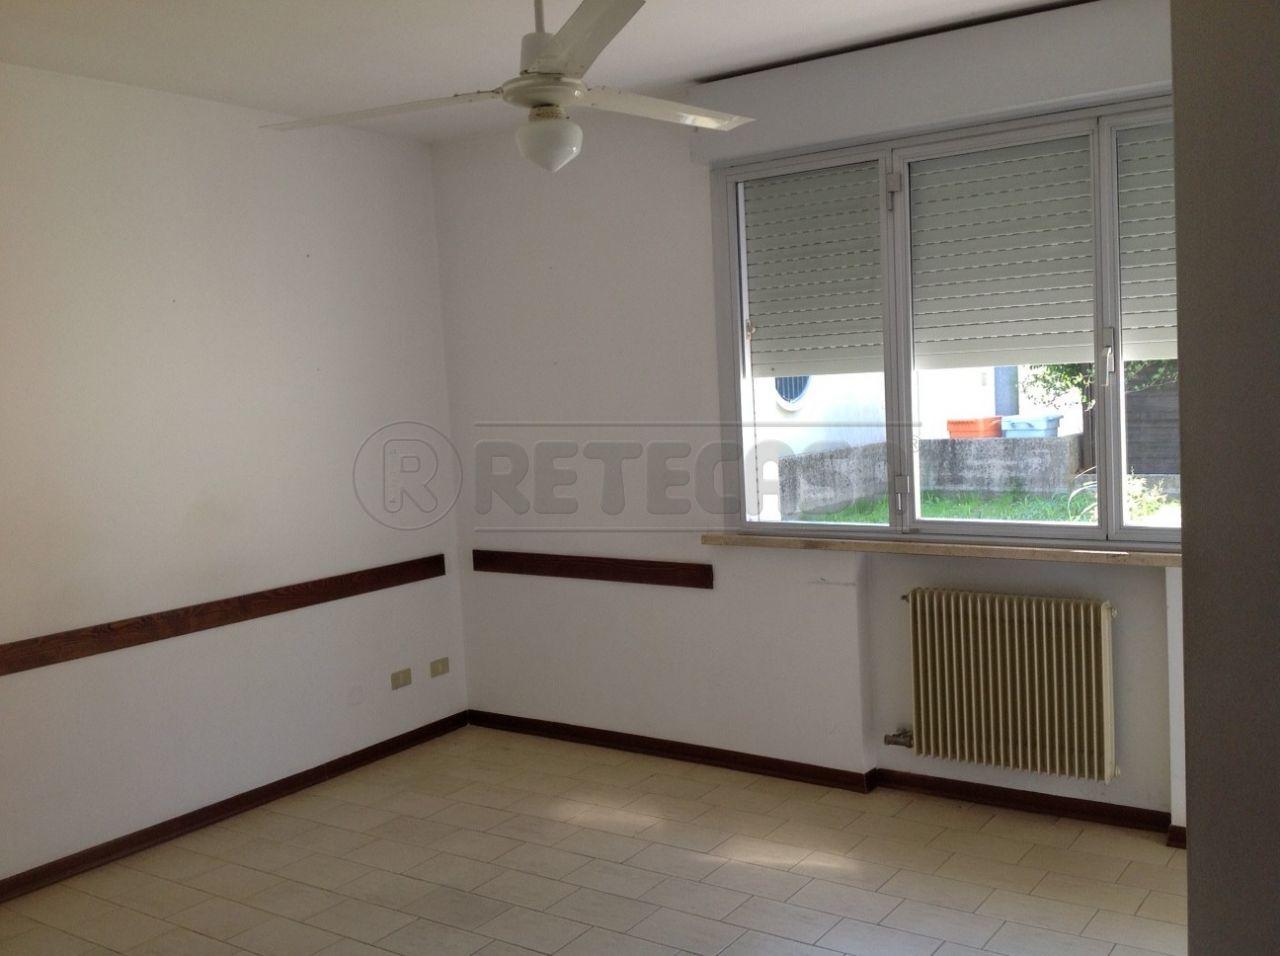 Appartamento in affitto a San Donà di Piave, 9999 locali, prezzo € 400 | Cambio Casa.it